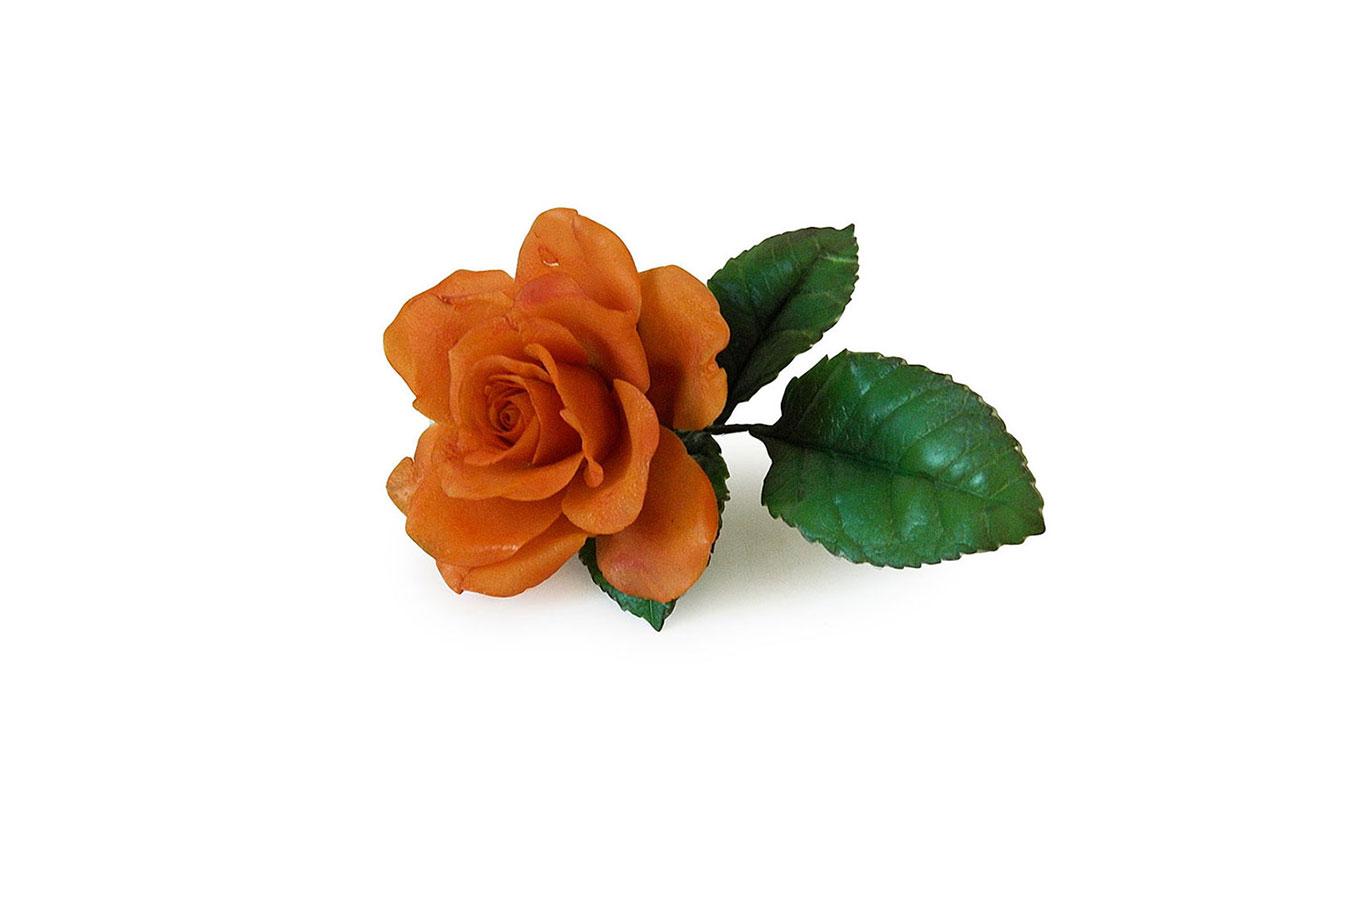 piccola rosa arancio realizzata in porcellana fredda